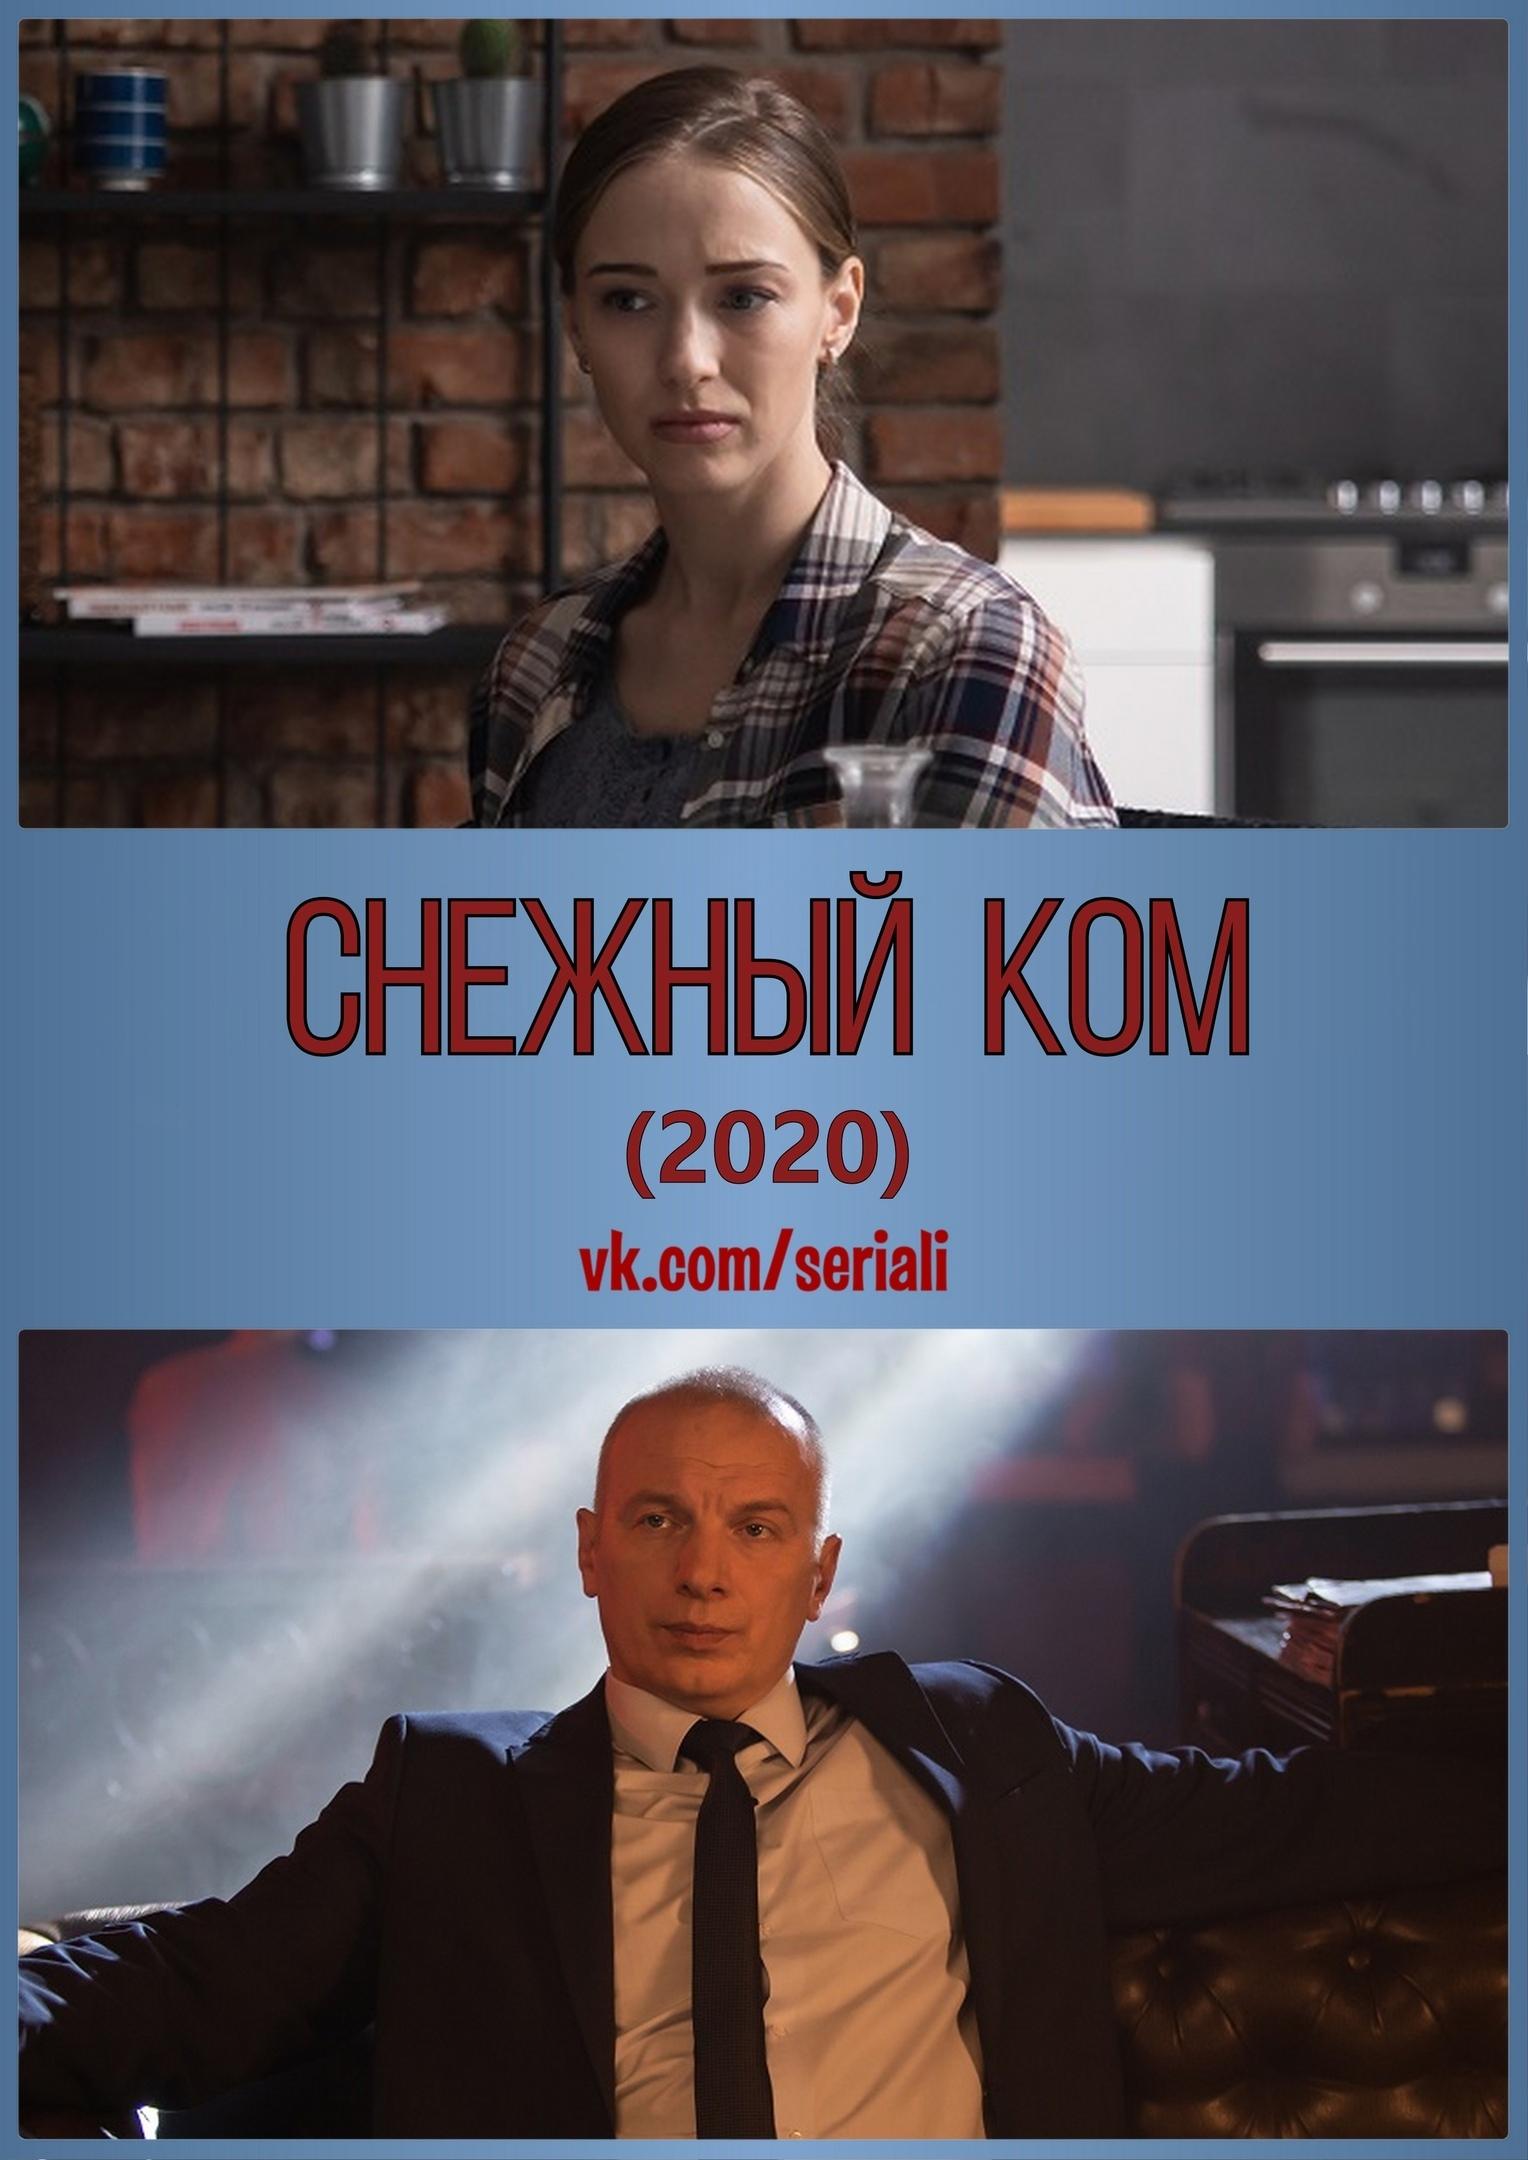 Мелодрама «Cнeжный кoм» (2020) 1-4 серия из 4 HD